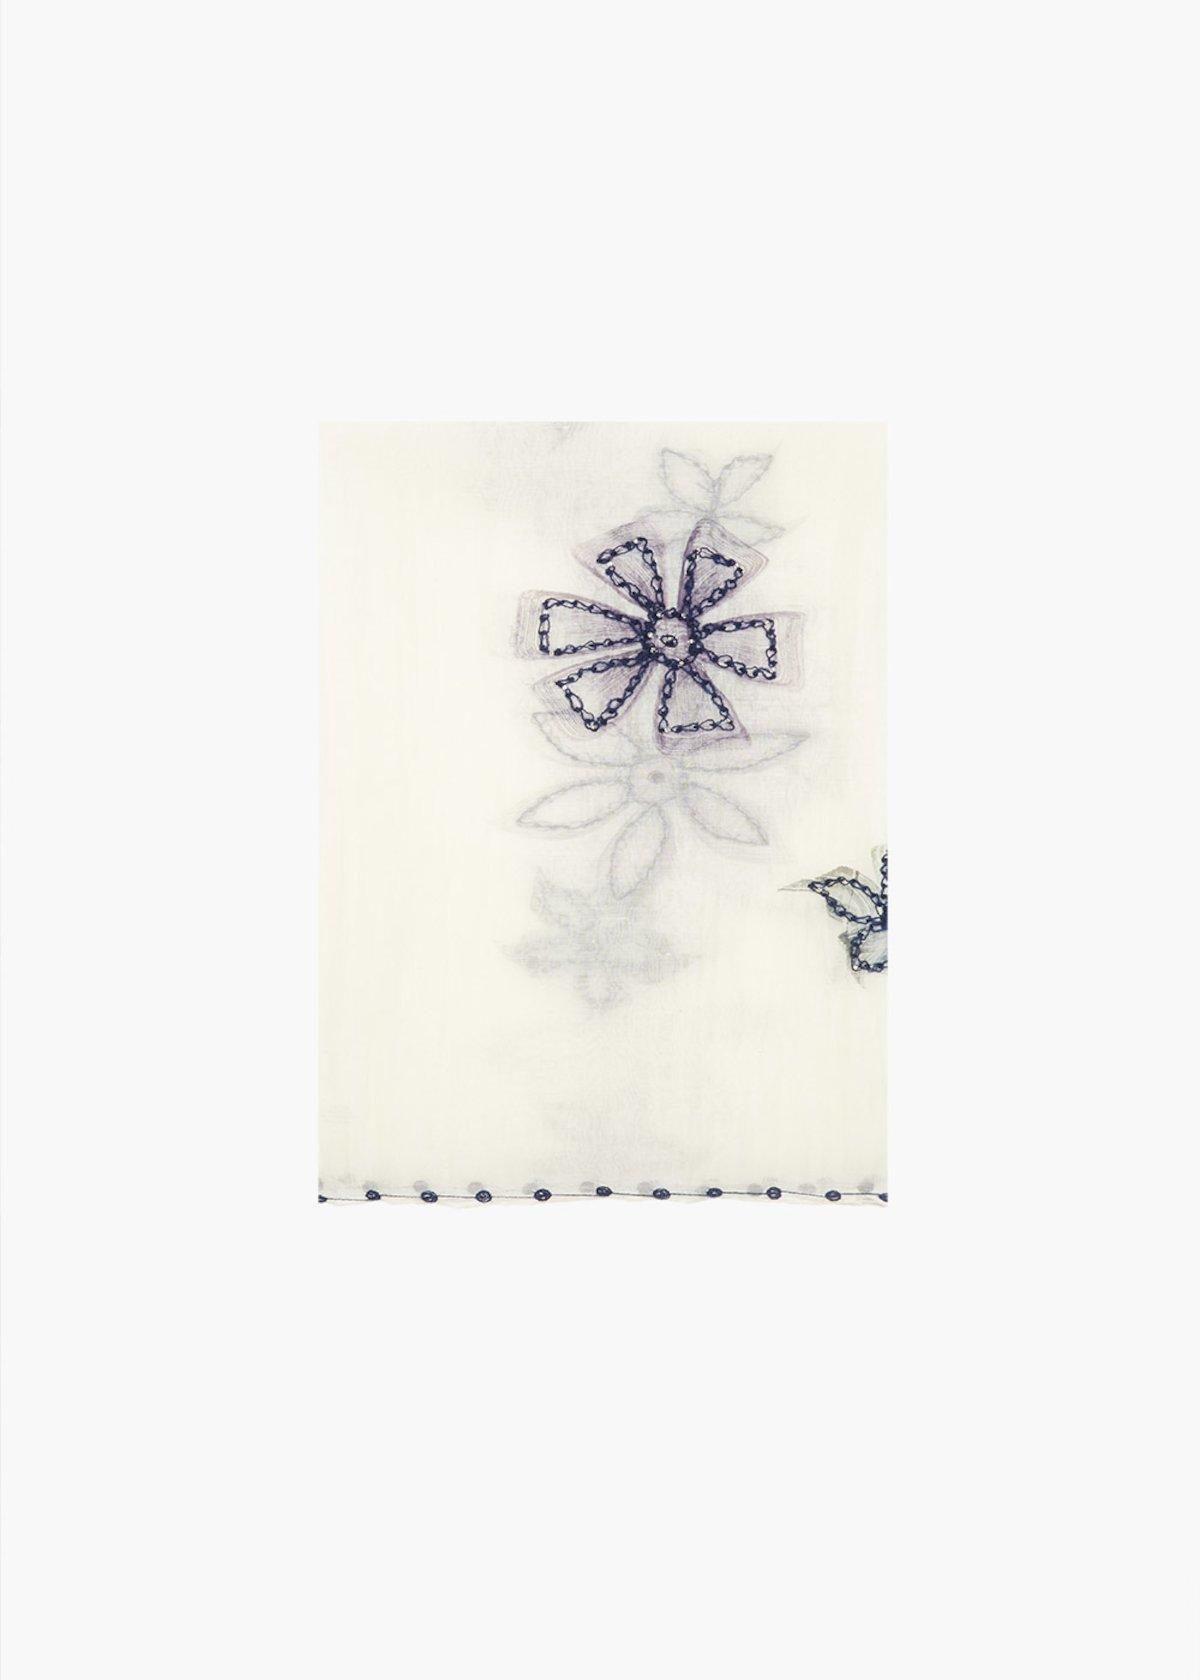 Sciarpa Swat in seta e cotone dal ricamo fiori - White  / Medium Blue - Donna - Immagine categoria